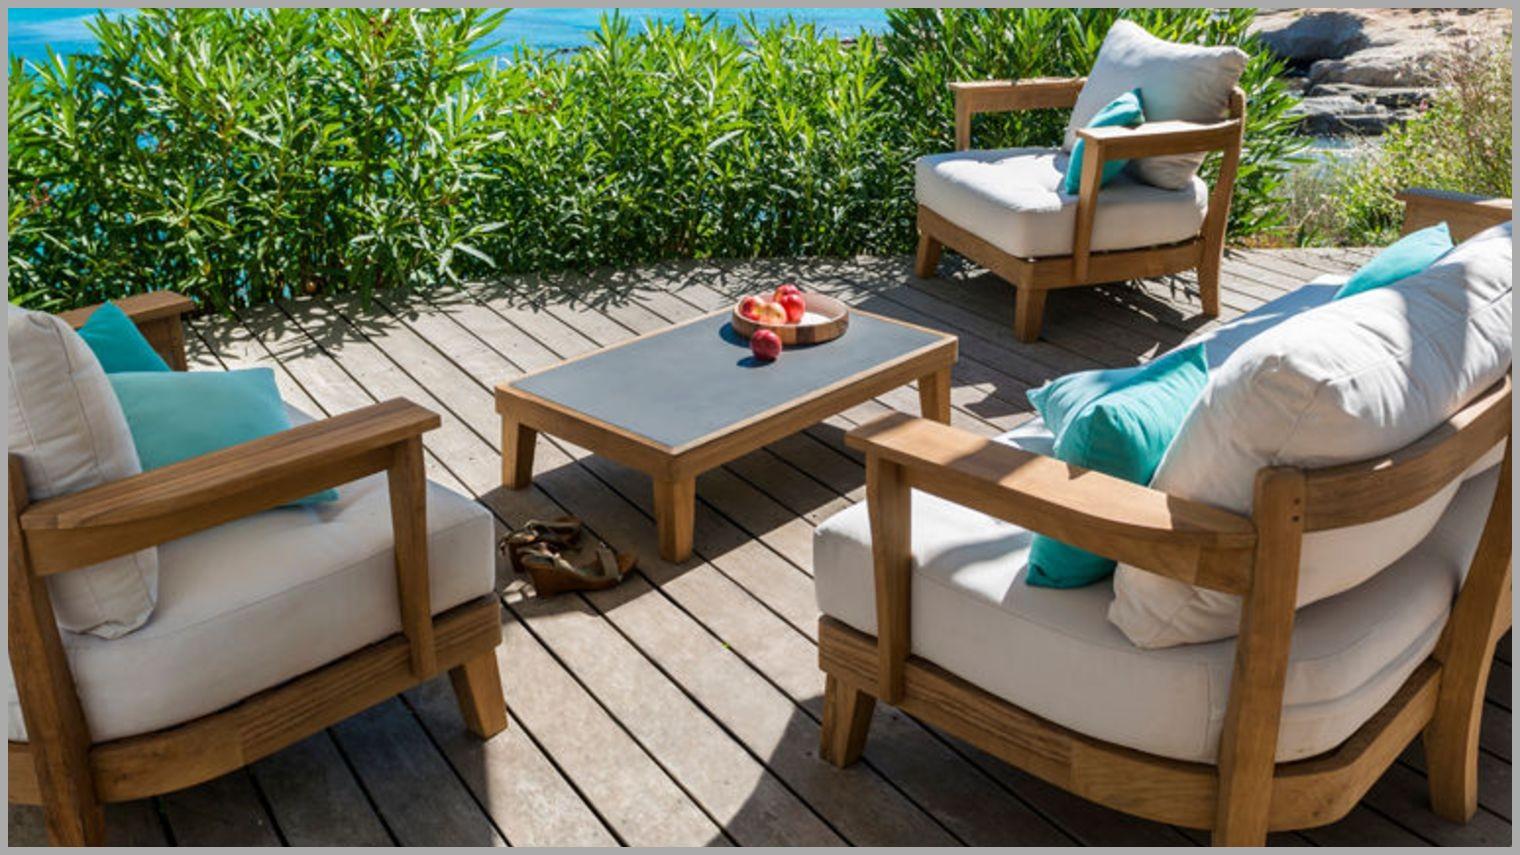 Salon de jardin castorama orvault - Jardin piscine et Cabane